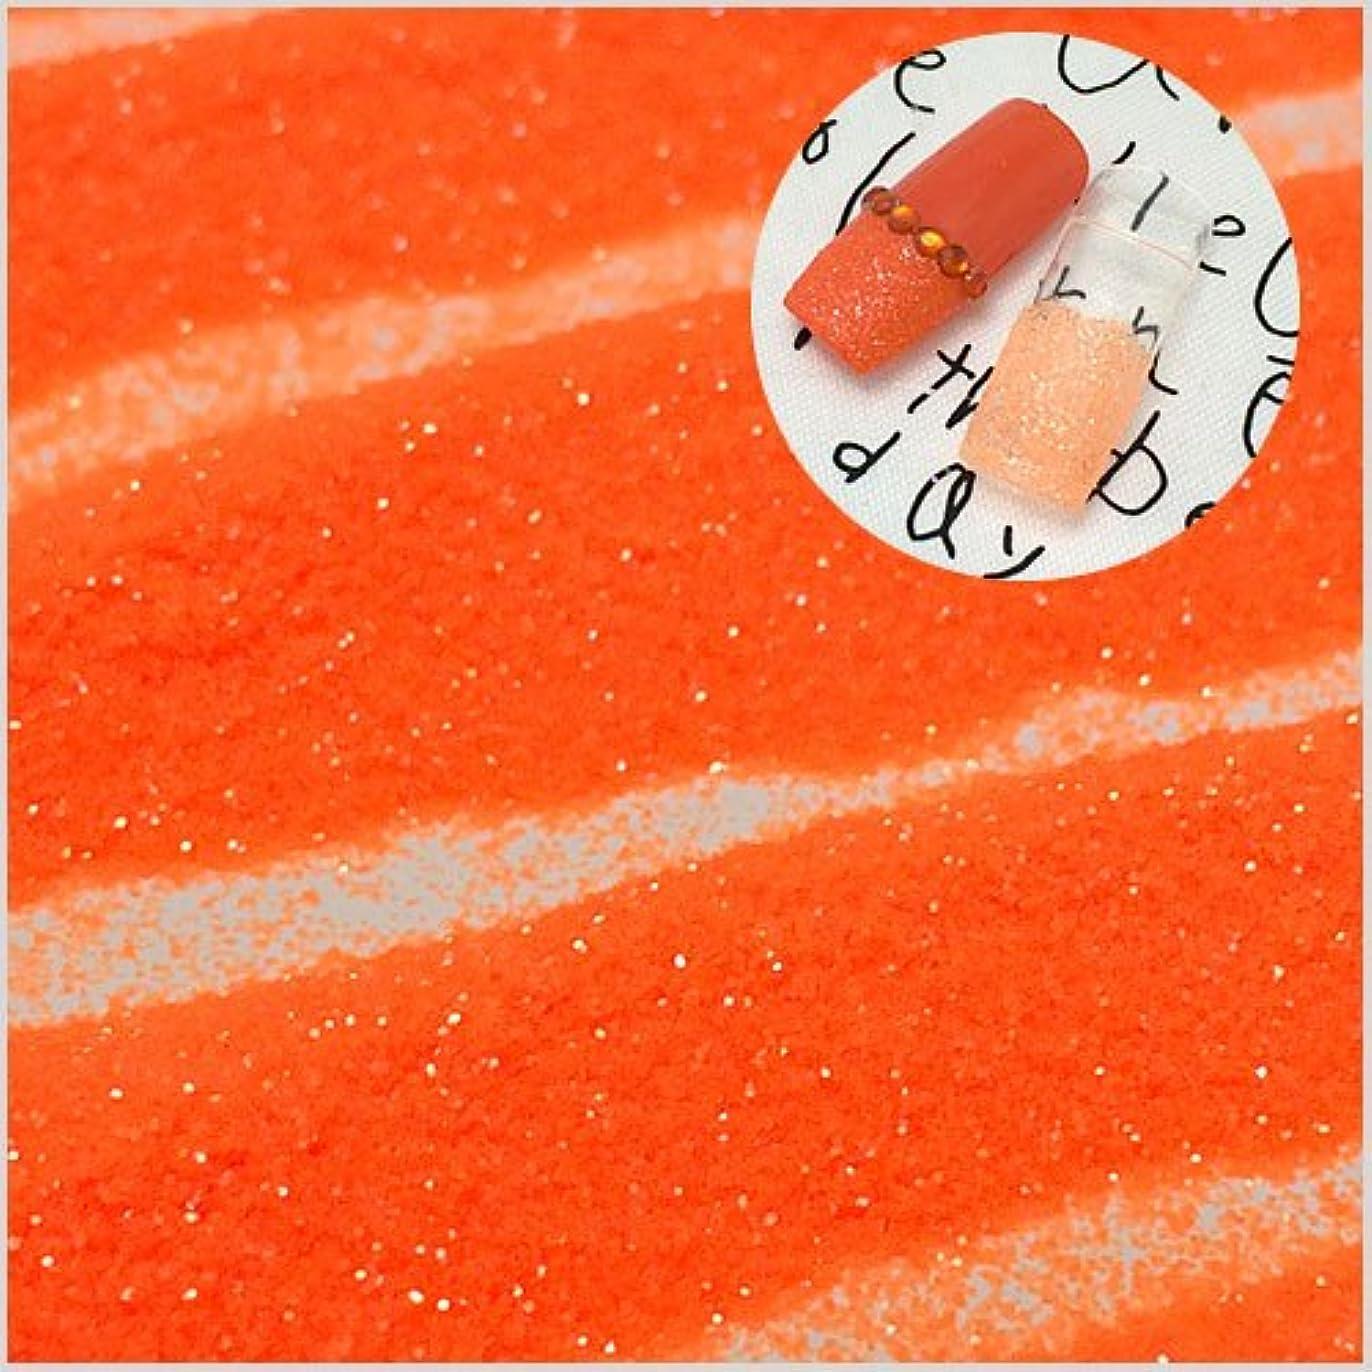 戻す混雑試してみるグリッター2g入り「ネオンオレンジ」(ラメ,ネイル,キラキラ素材,ラメ素材,レジン封入,ボディータトゥー,サンドアート,ネイルアート,UVレジン) [並行輸入品]